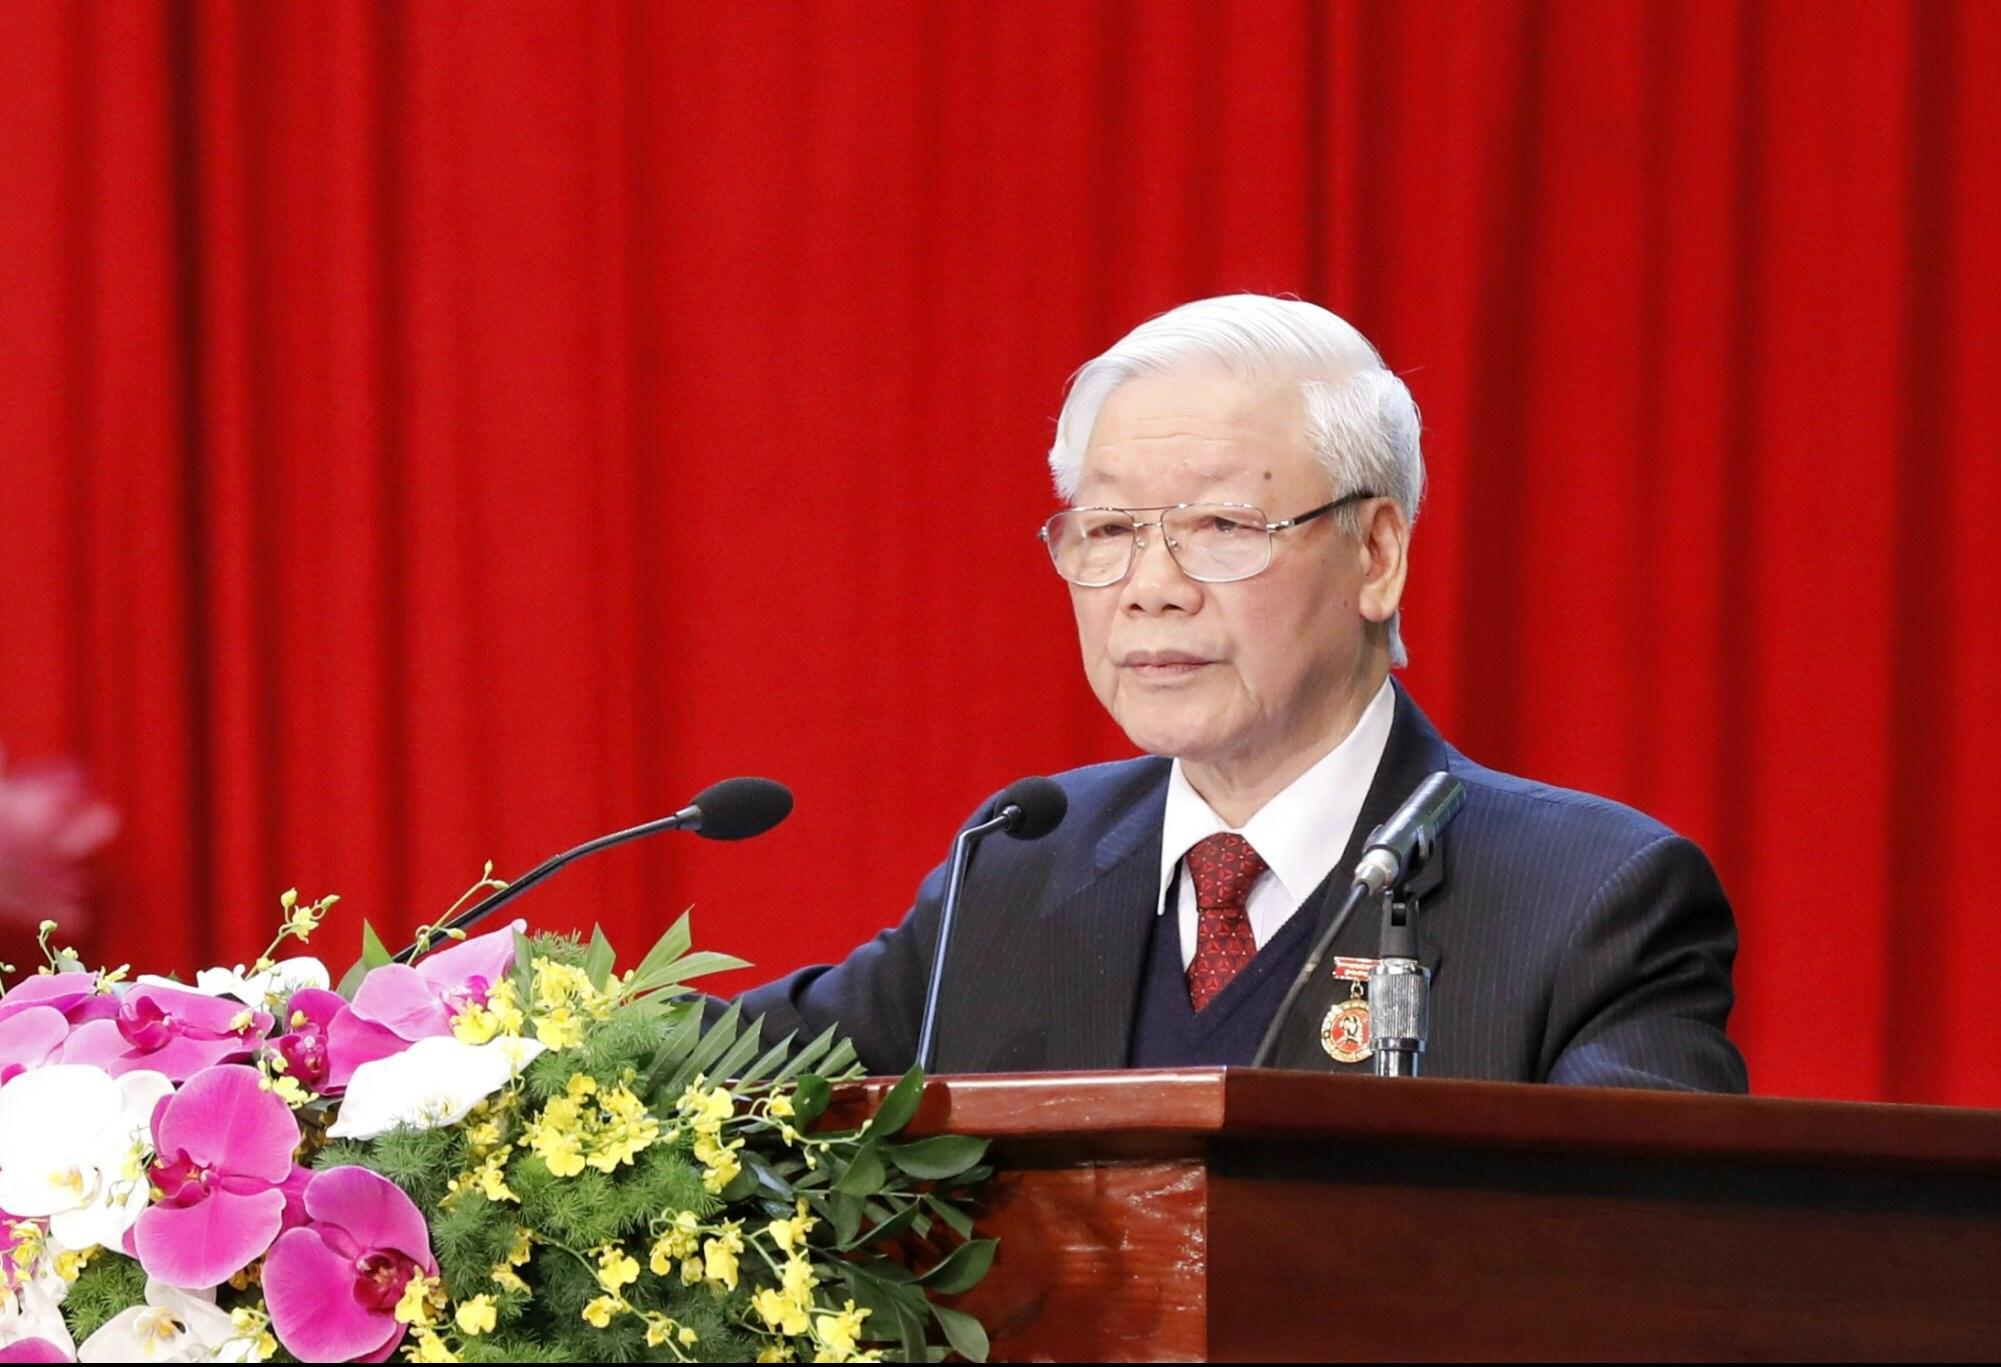 Tổng Bí thư, Chủ tịch nước Nguyễn Phú Trọng đọc diễn văn chào mừng tại Đại hội